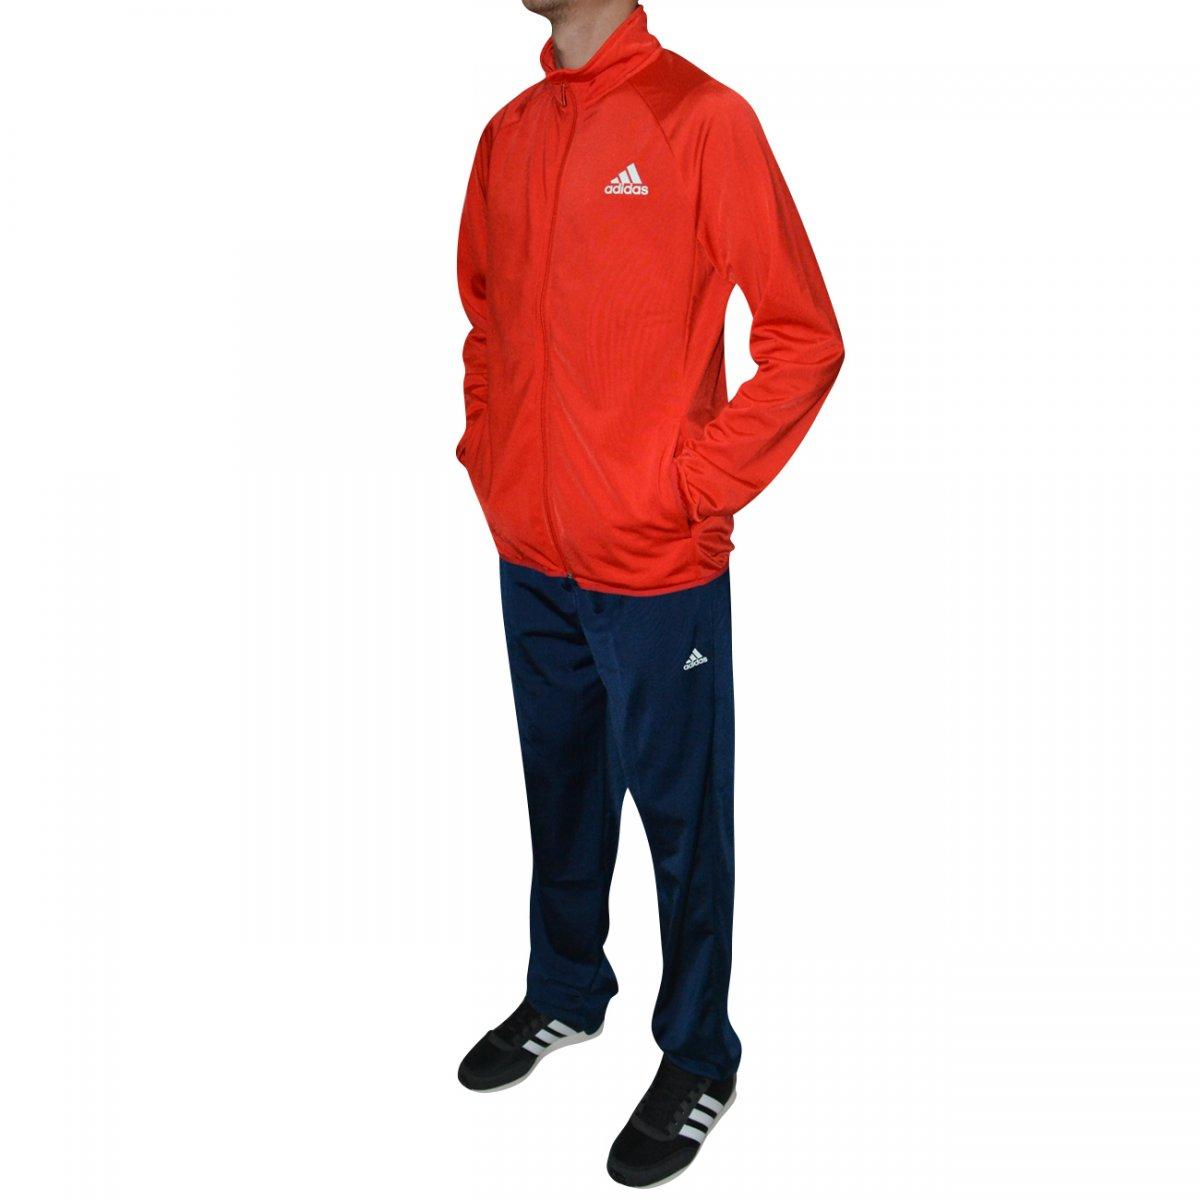 5960a2b59ed Agasalho Adidas YB TS Entry OH Juvenil CF7348 - Vermelho marinho - Chuteira  Nike